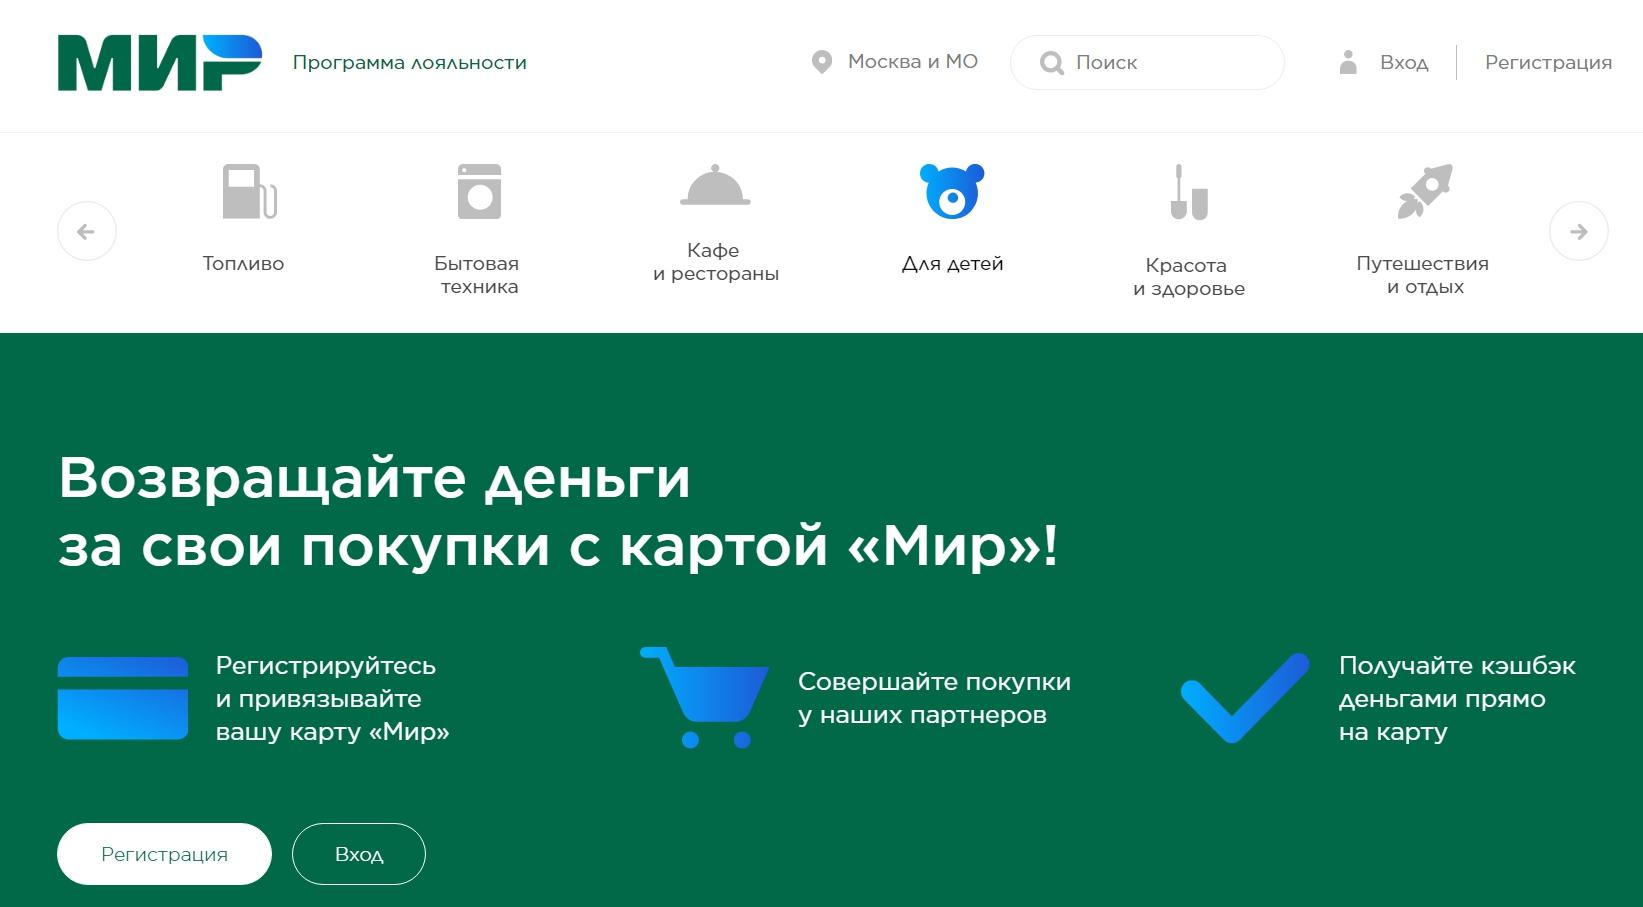 Programma-loyalnosti-dlya-derzhatelej-kart-Mir-v-Moskve-i-MO-Mir-Programma-loyalnosti-Google-Chrome